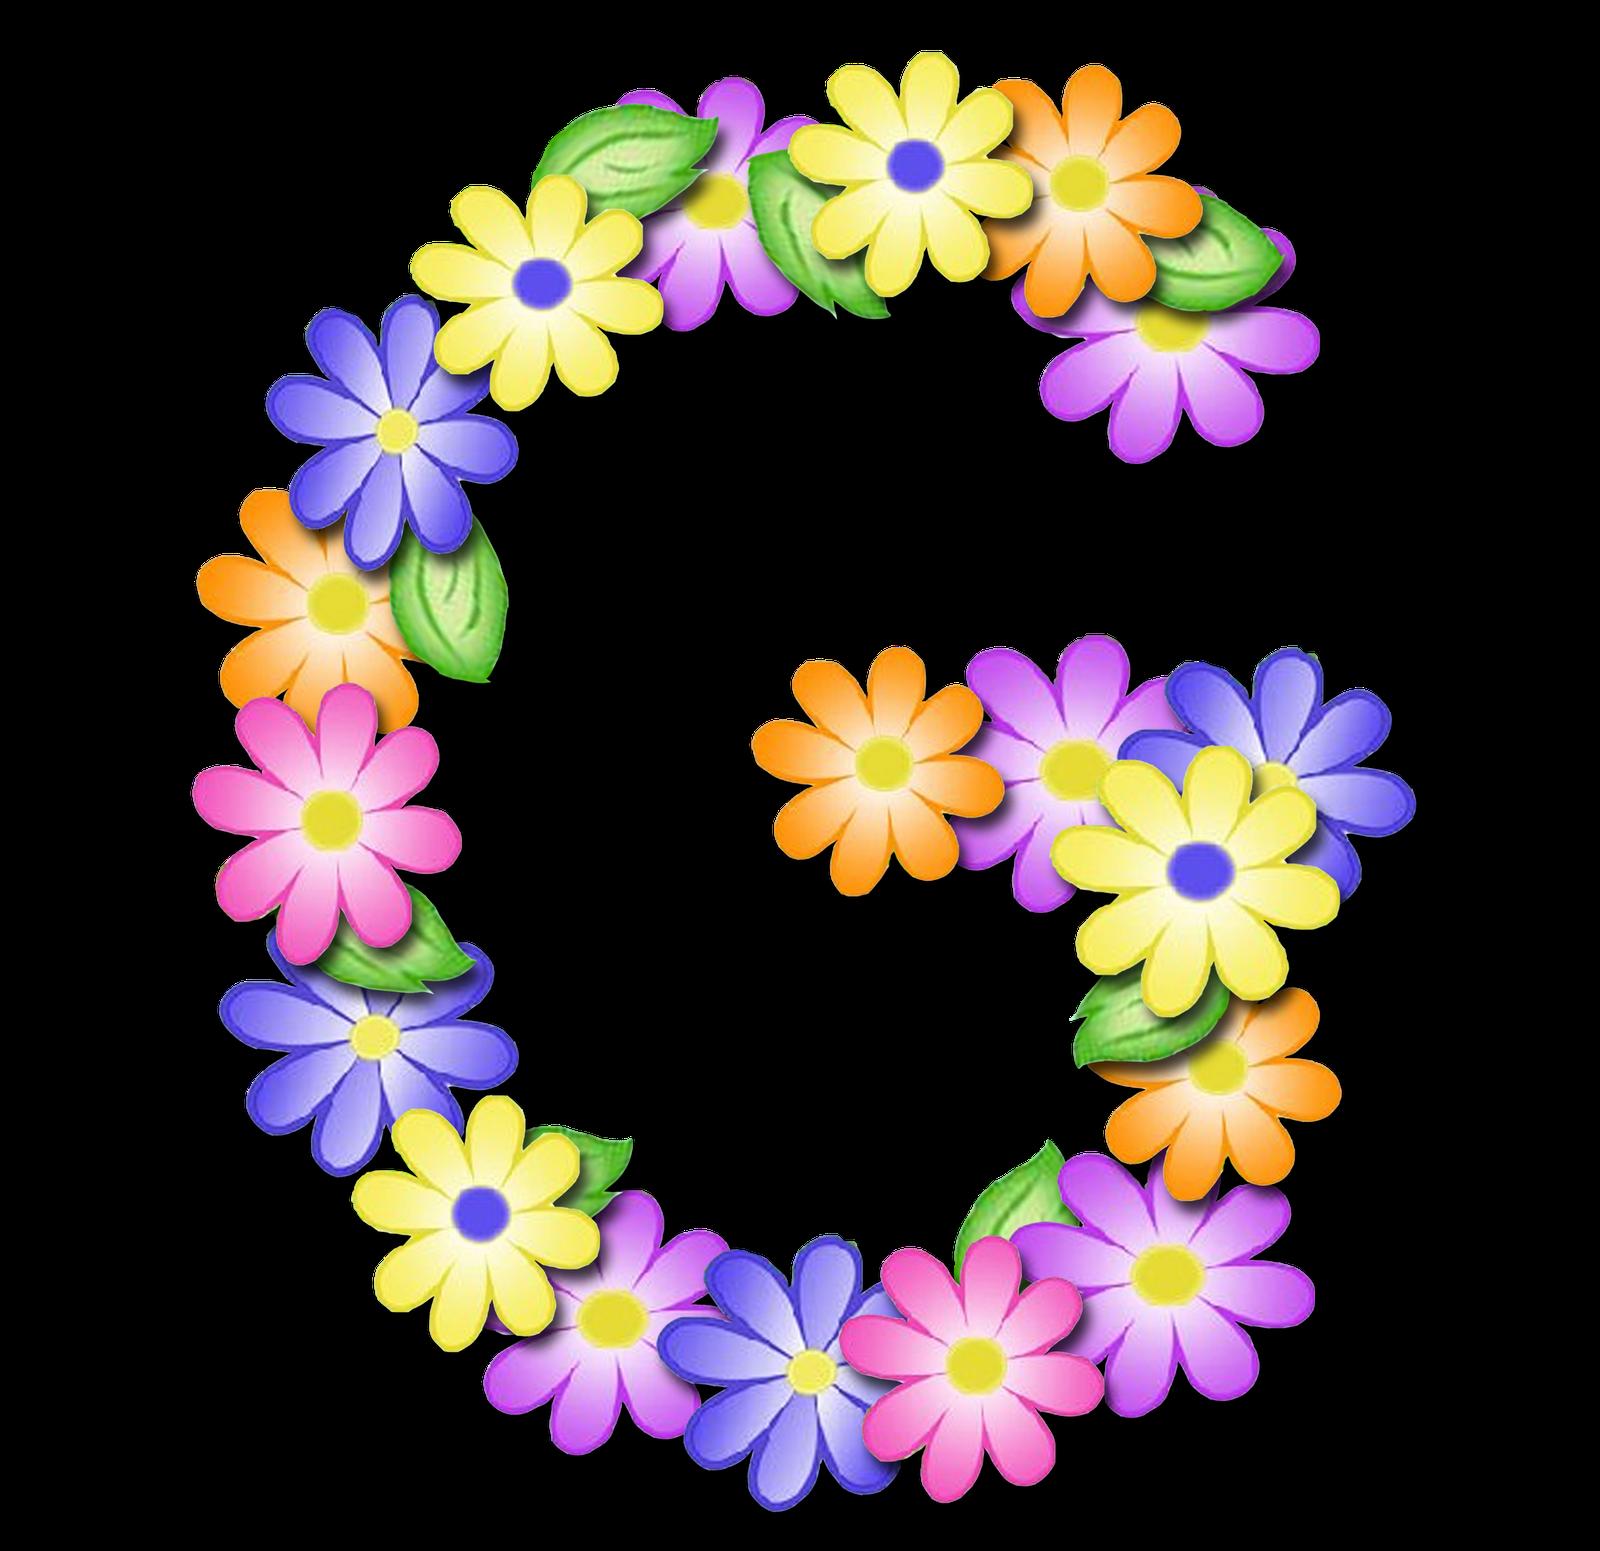 صور الحروف الإنجليزية بأجمل الزهور والورود بخلفية شفافة بنج png وجودة عالية للمصممين :: إبحث عن حروف إسمك بالإنجليزية G